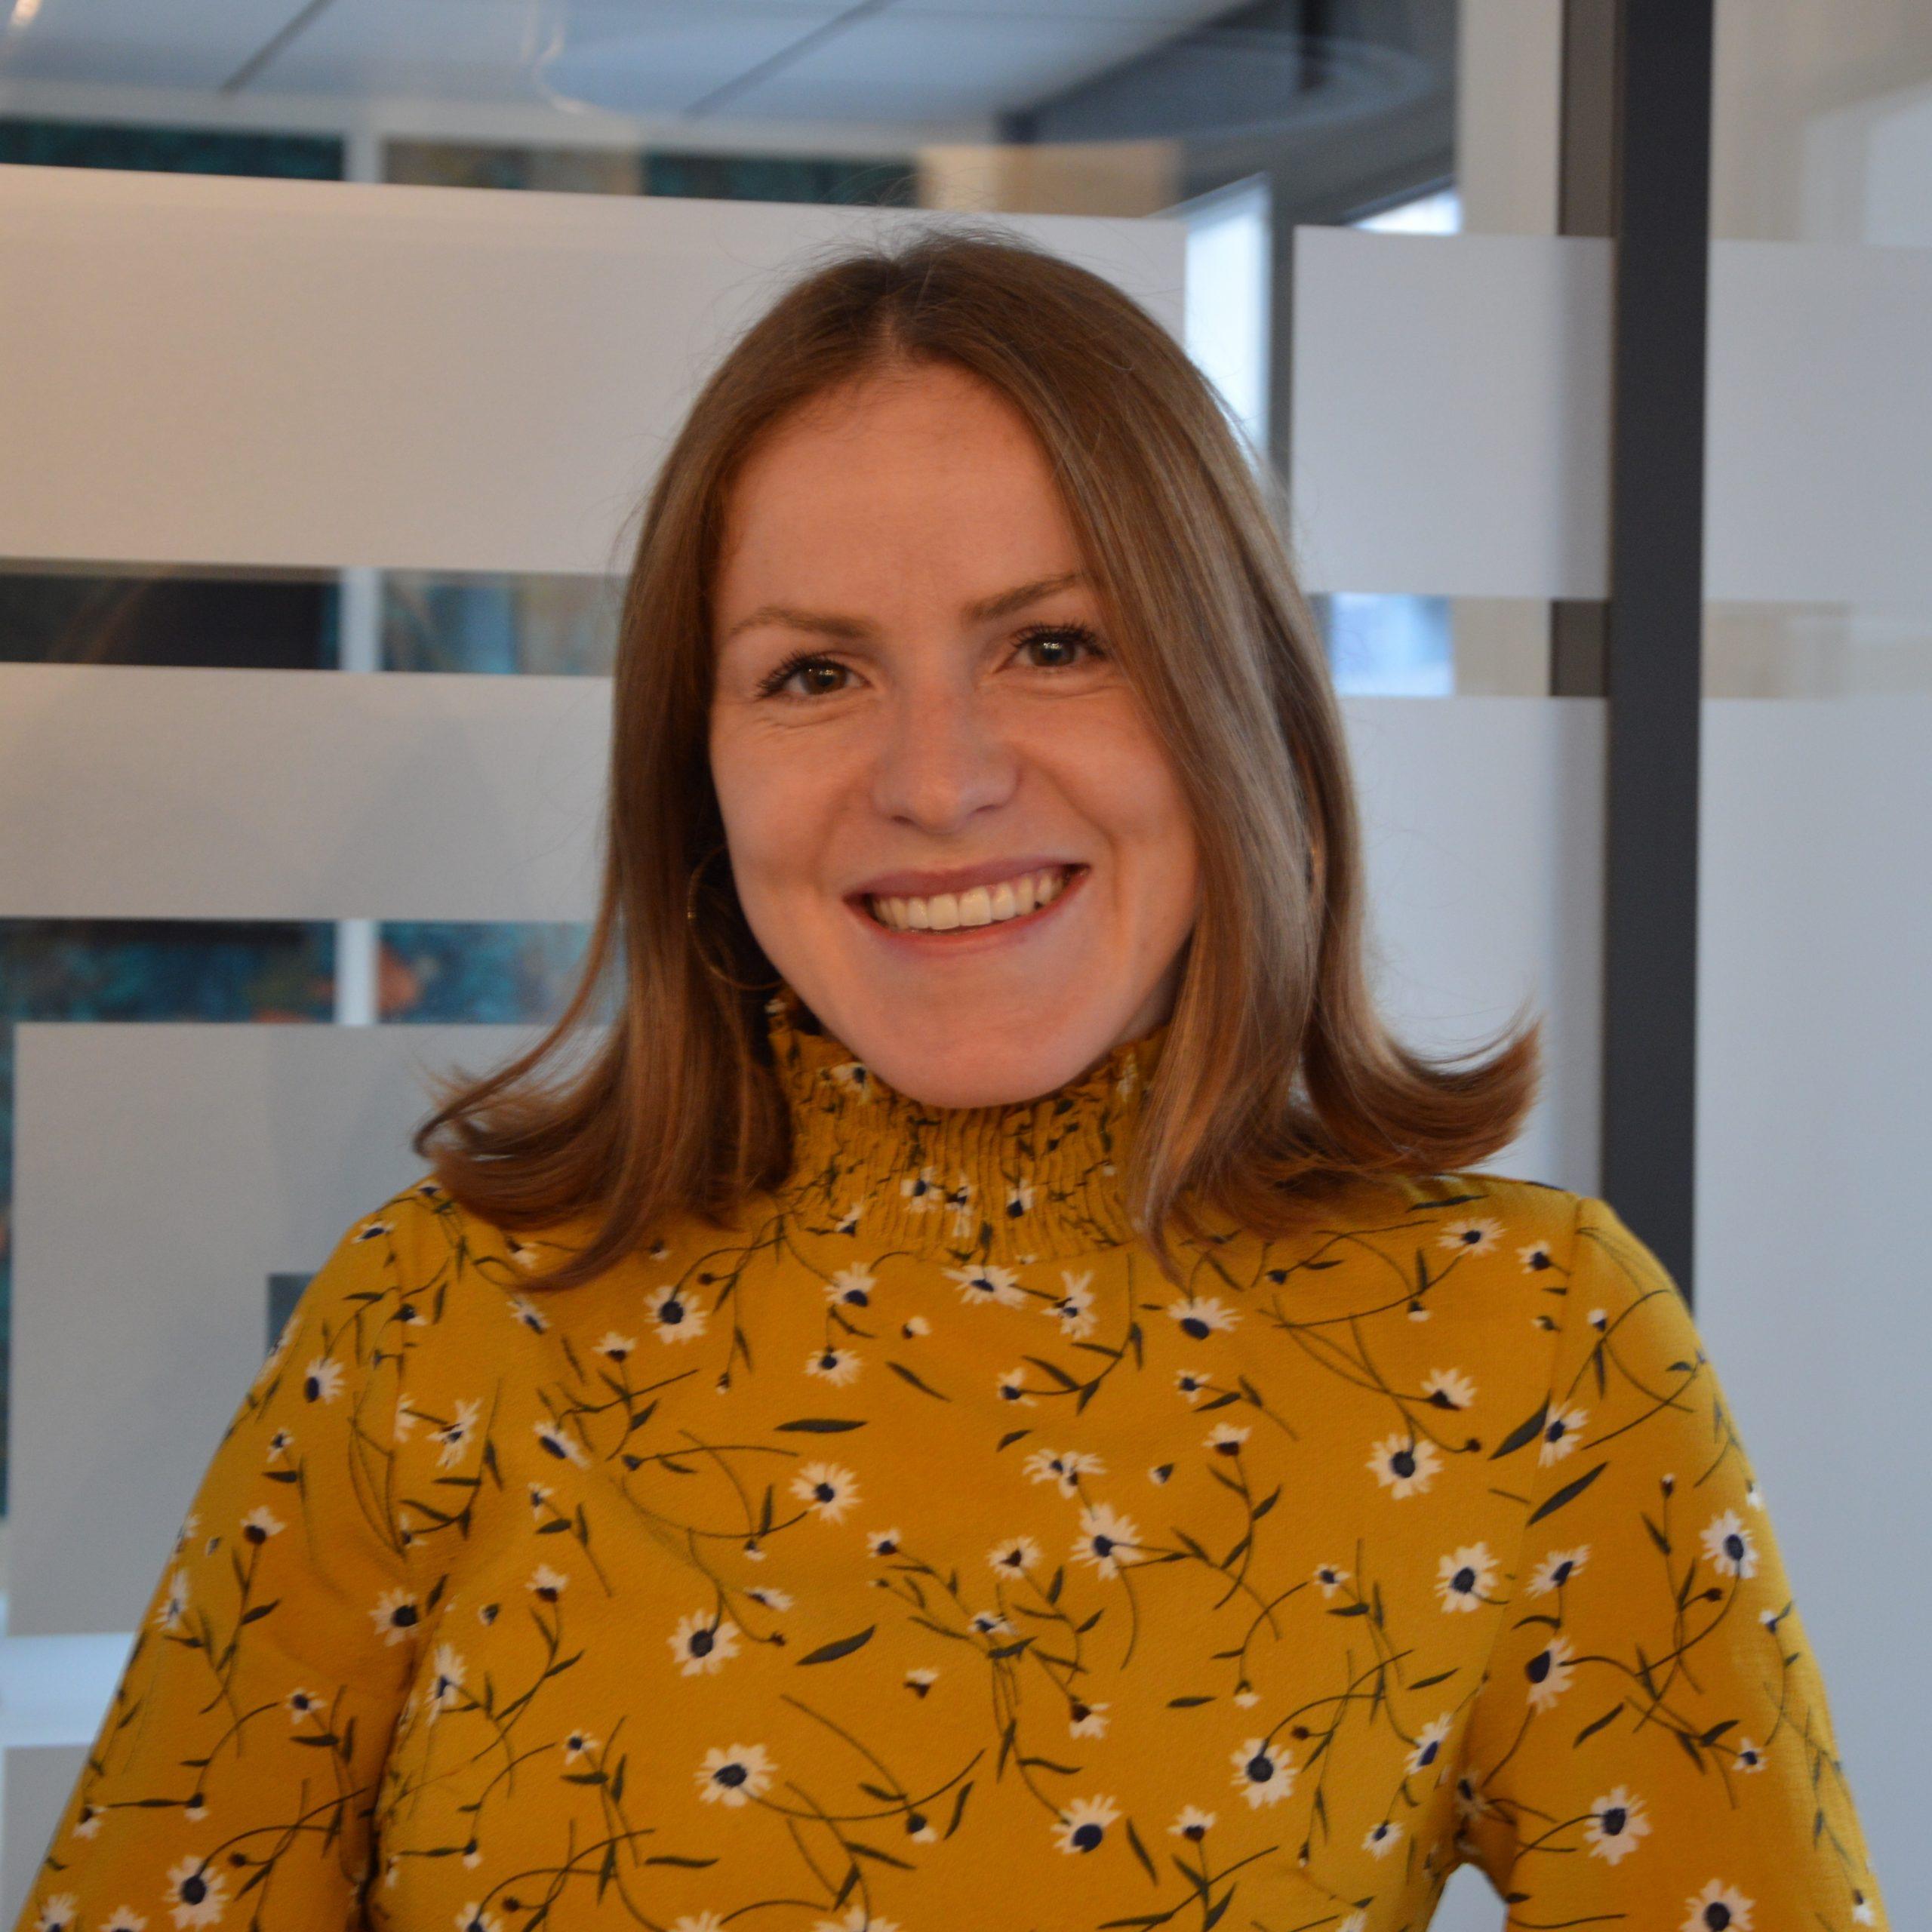 Lauren Office Manager